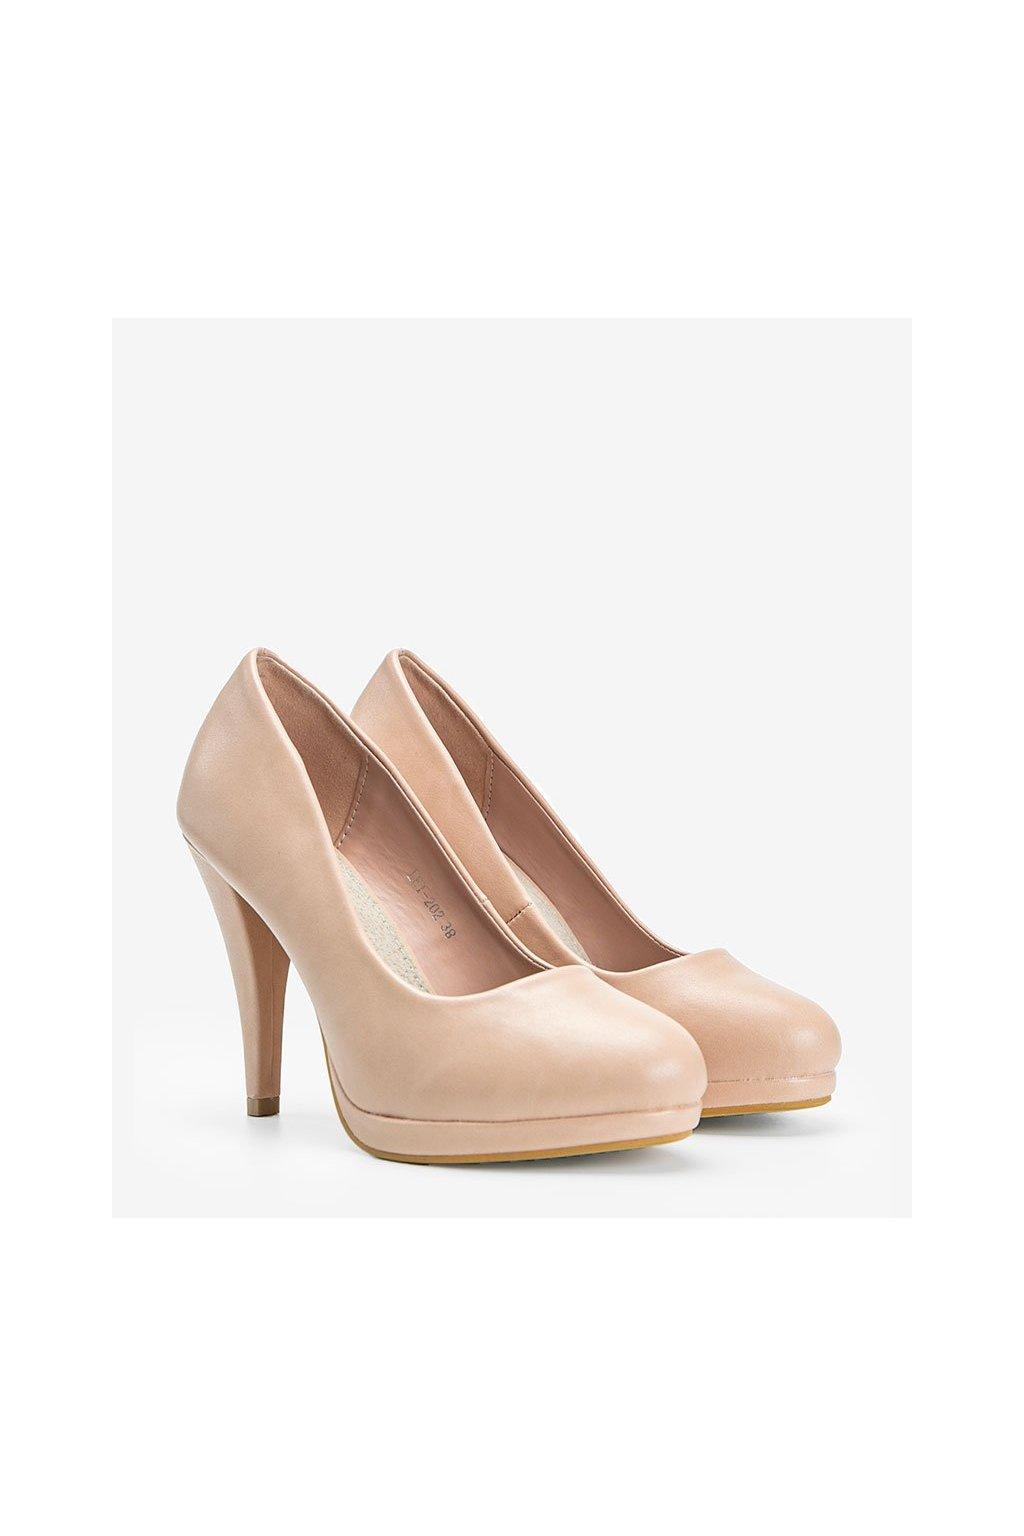 Dámske topánky lodičky ružové kód LEI-202 - GM